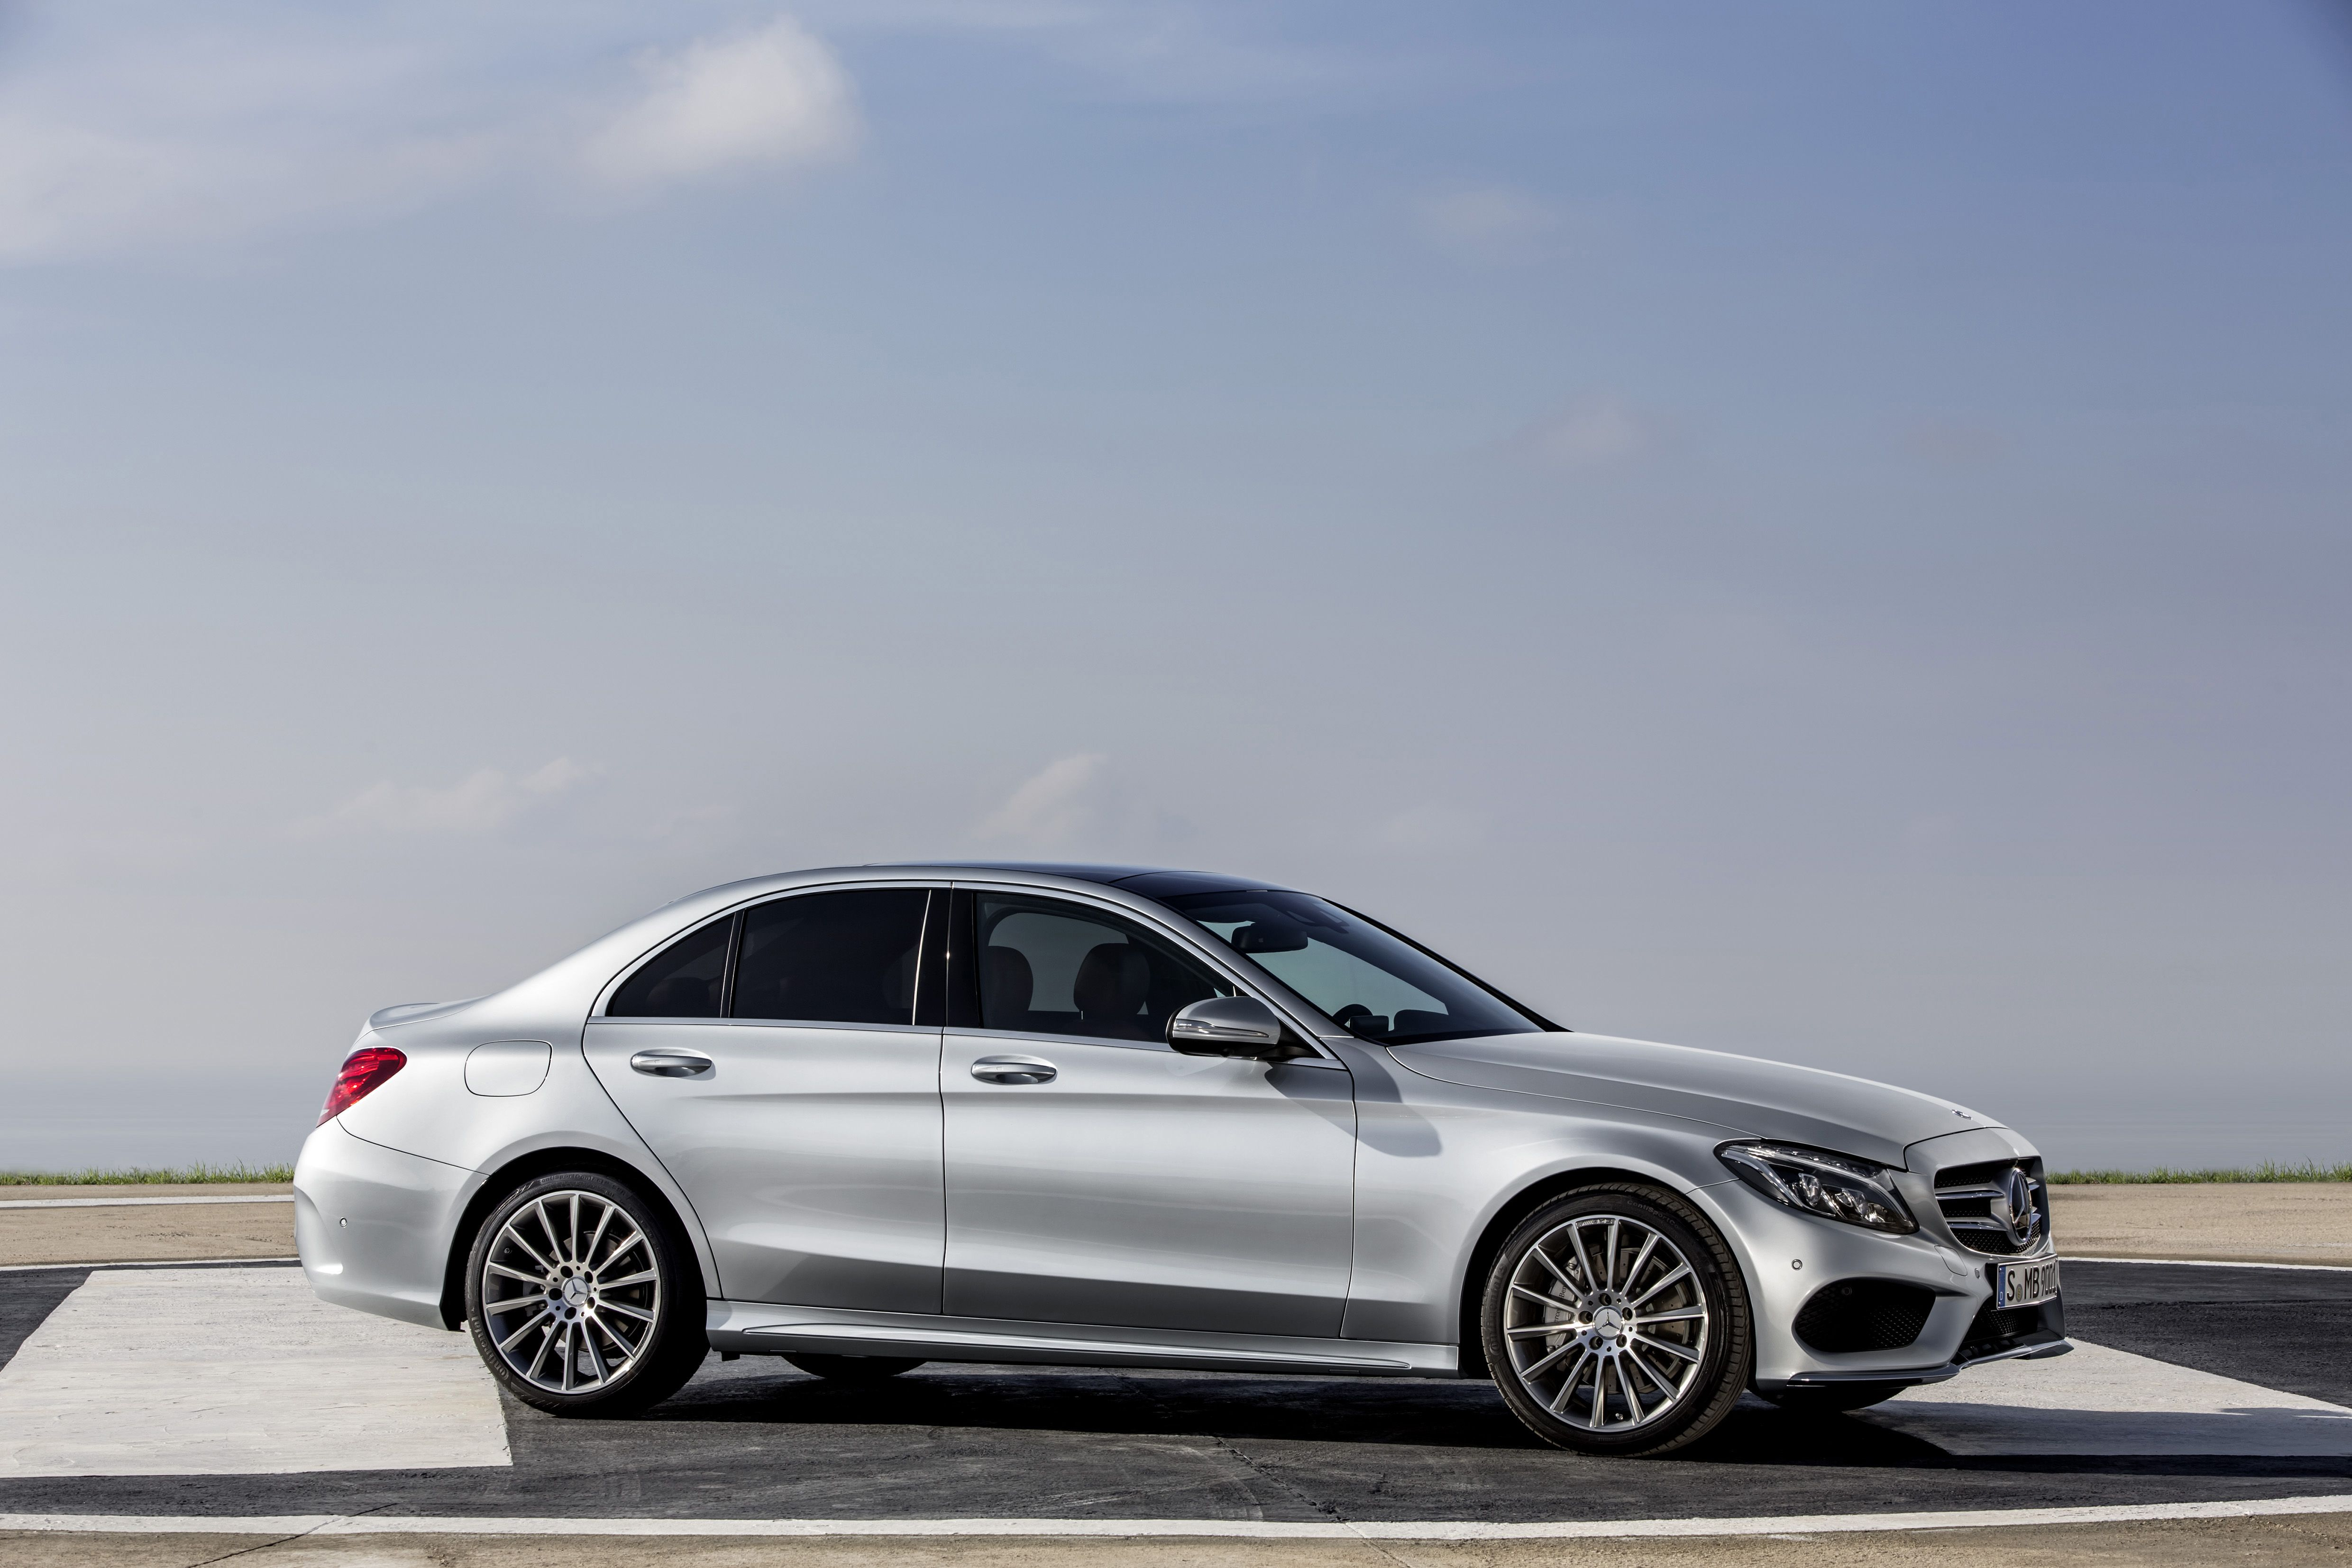 Nuova Classe C Mercedes Mercedesbenzworld News Bbc News Joy